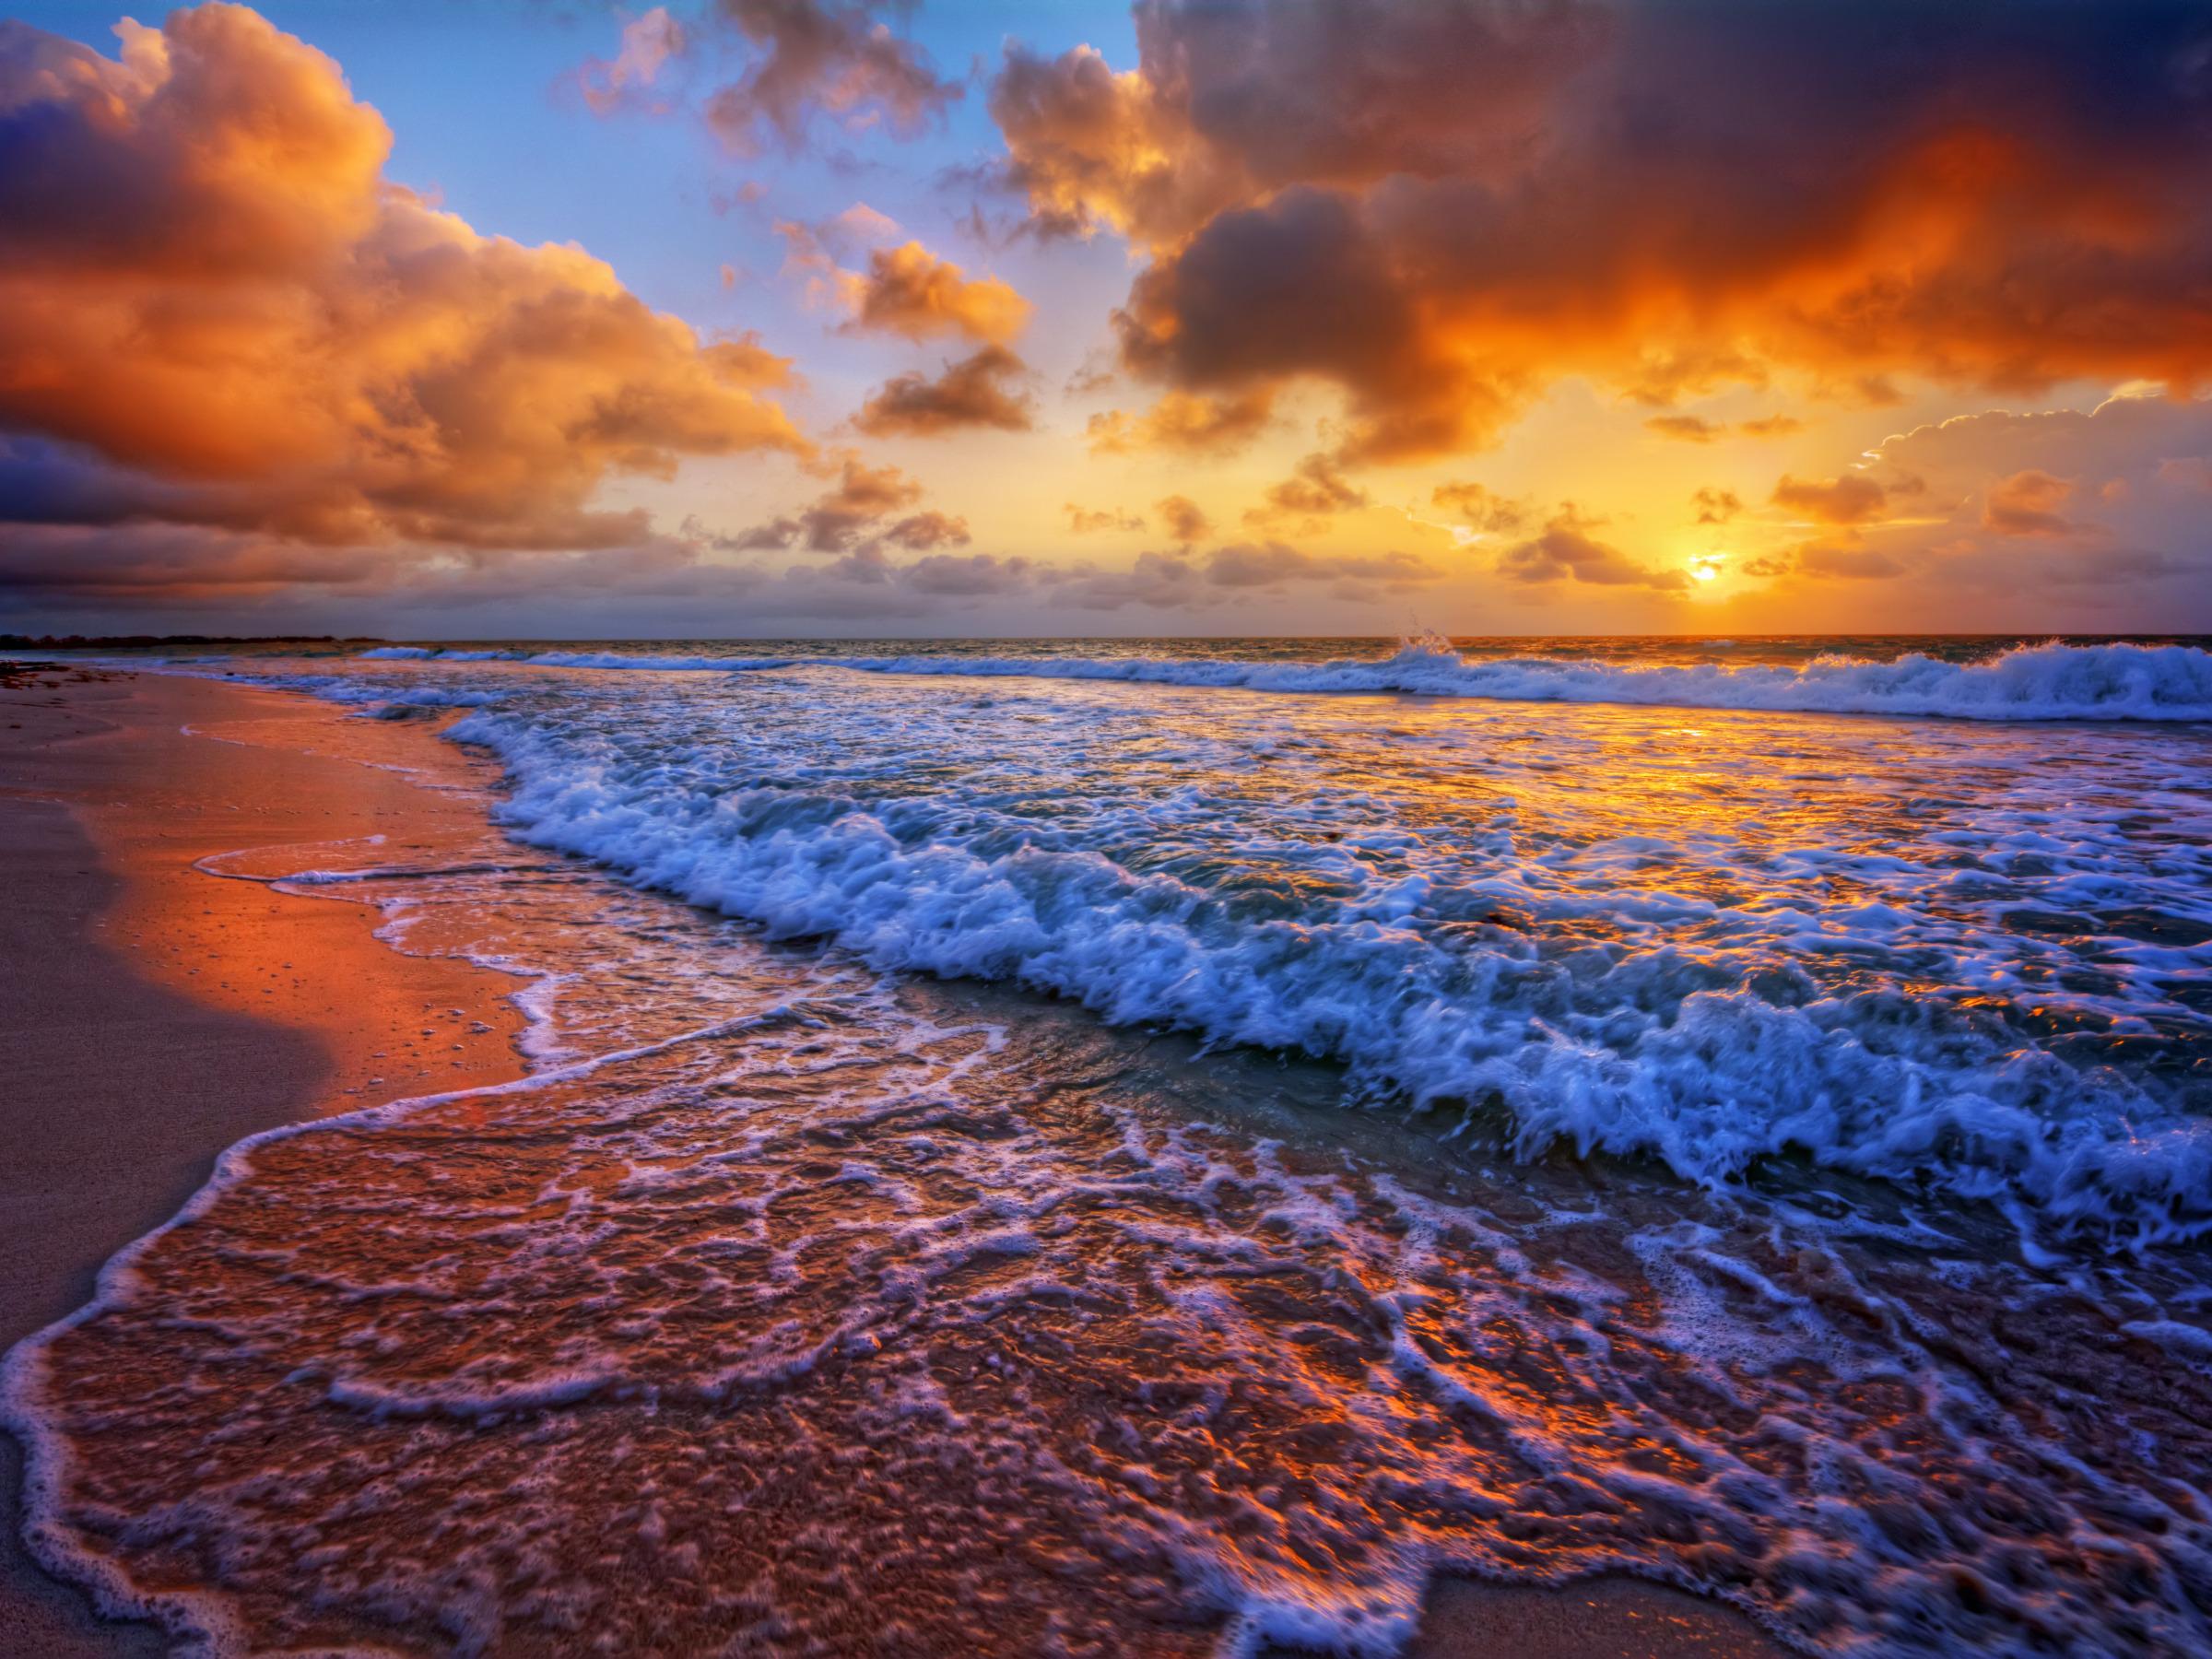 фотоснимки море хорошего качества дюмин жестко раскритиковал